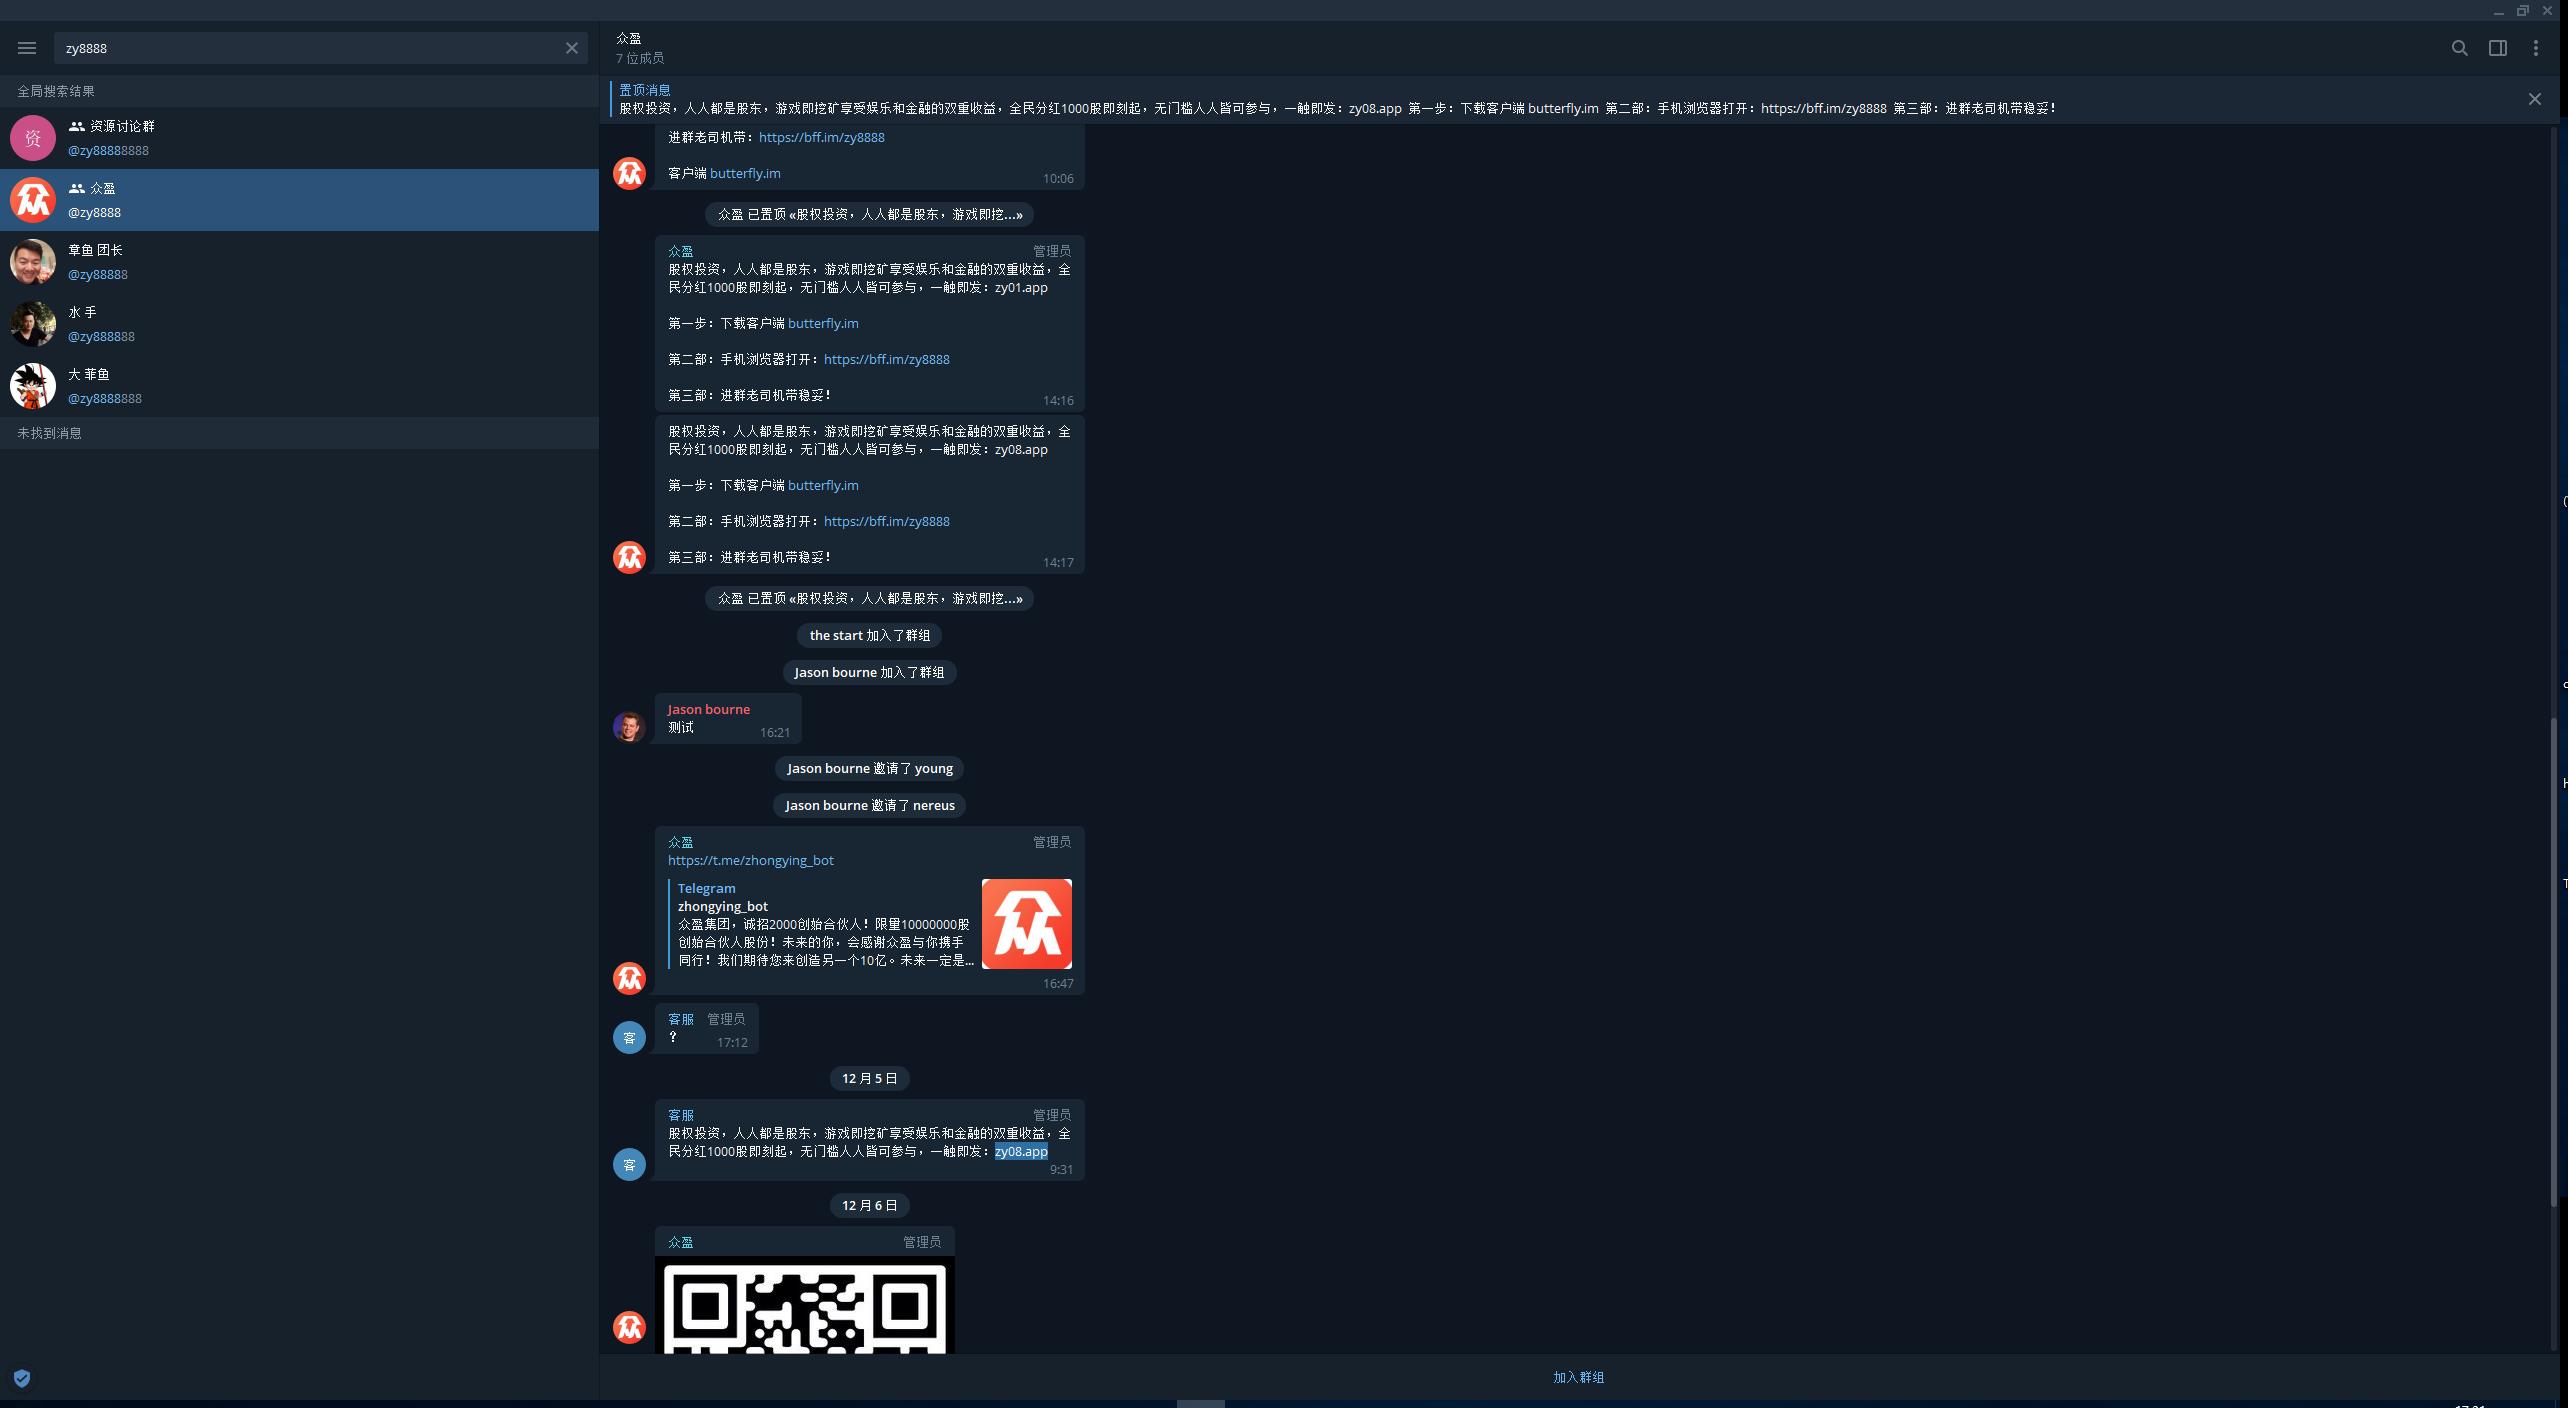 第三方 Telegram 客户端 Butterfly.im(蝴蝶IM)用户隐私研究(公布内置免费TG代理) iOS 第5张